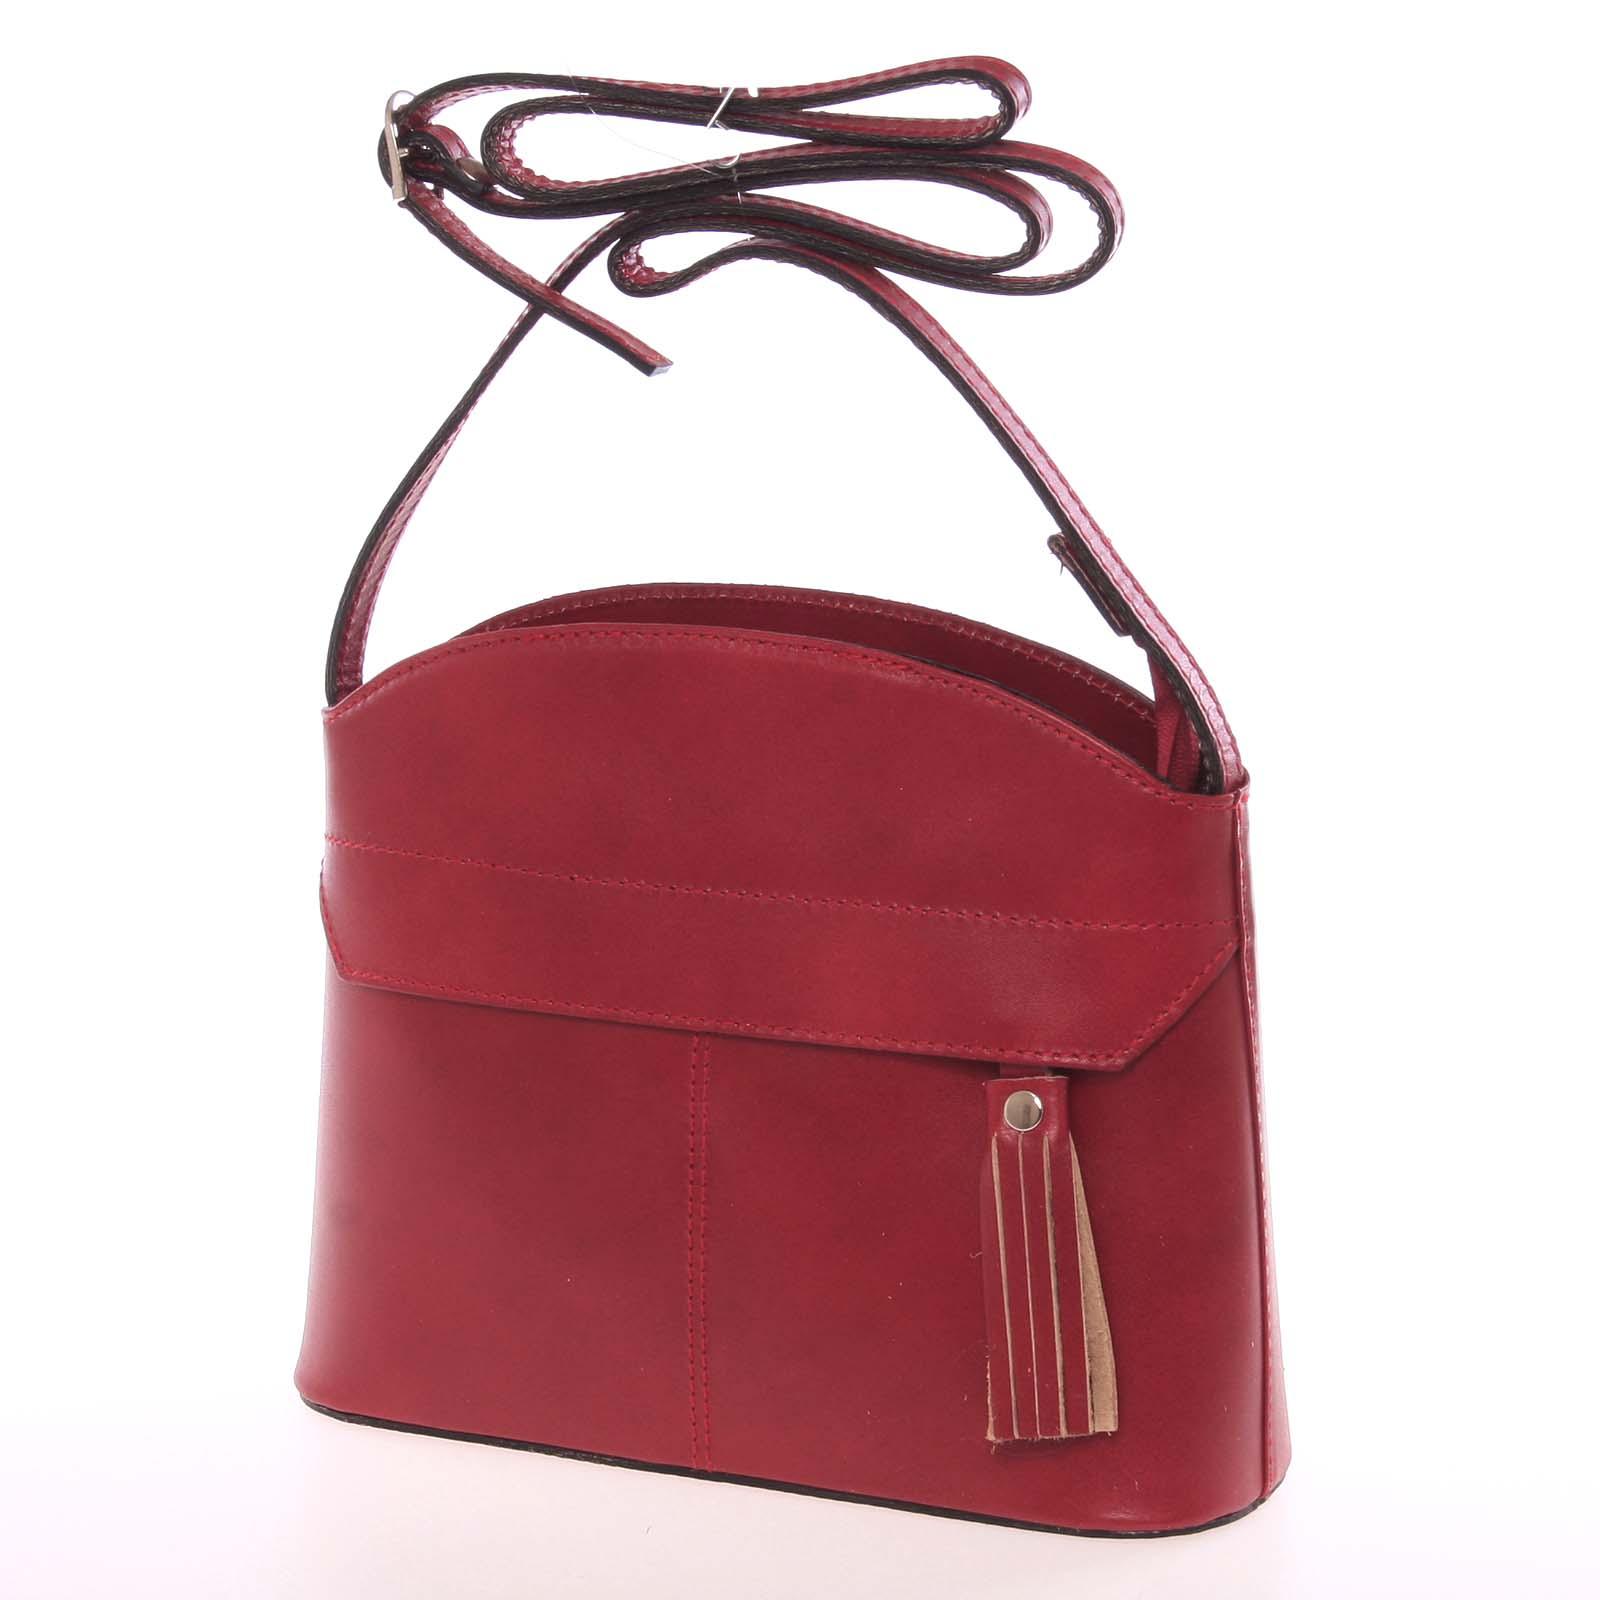 Tmavě červená kožená crossbody kabelka - ItalY Marla